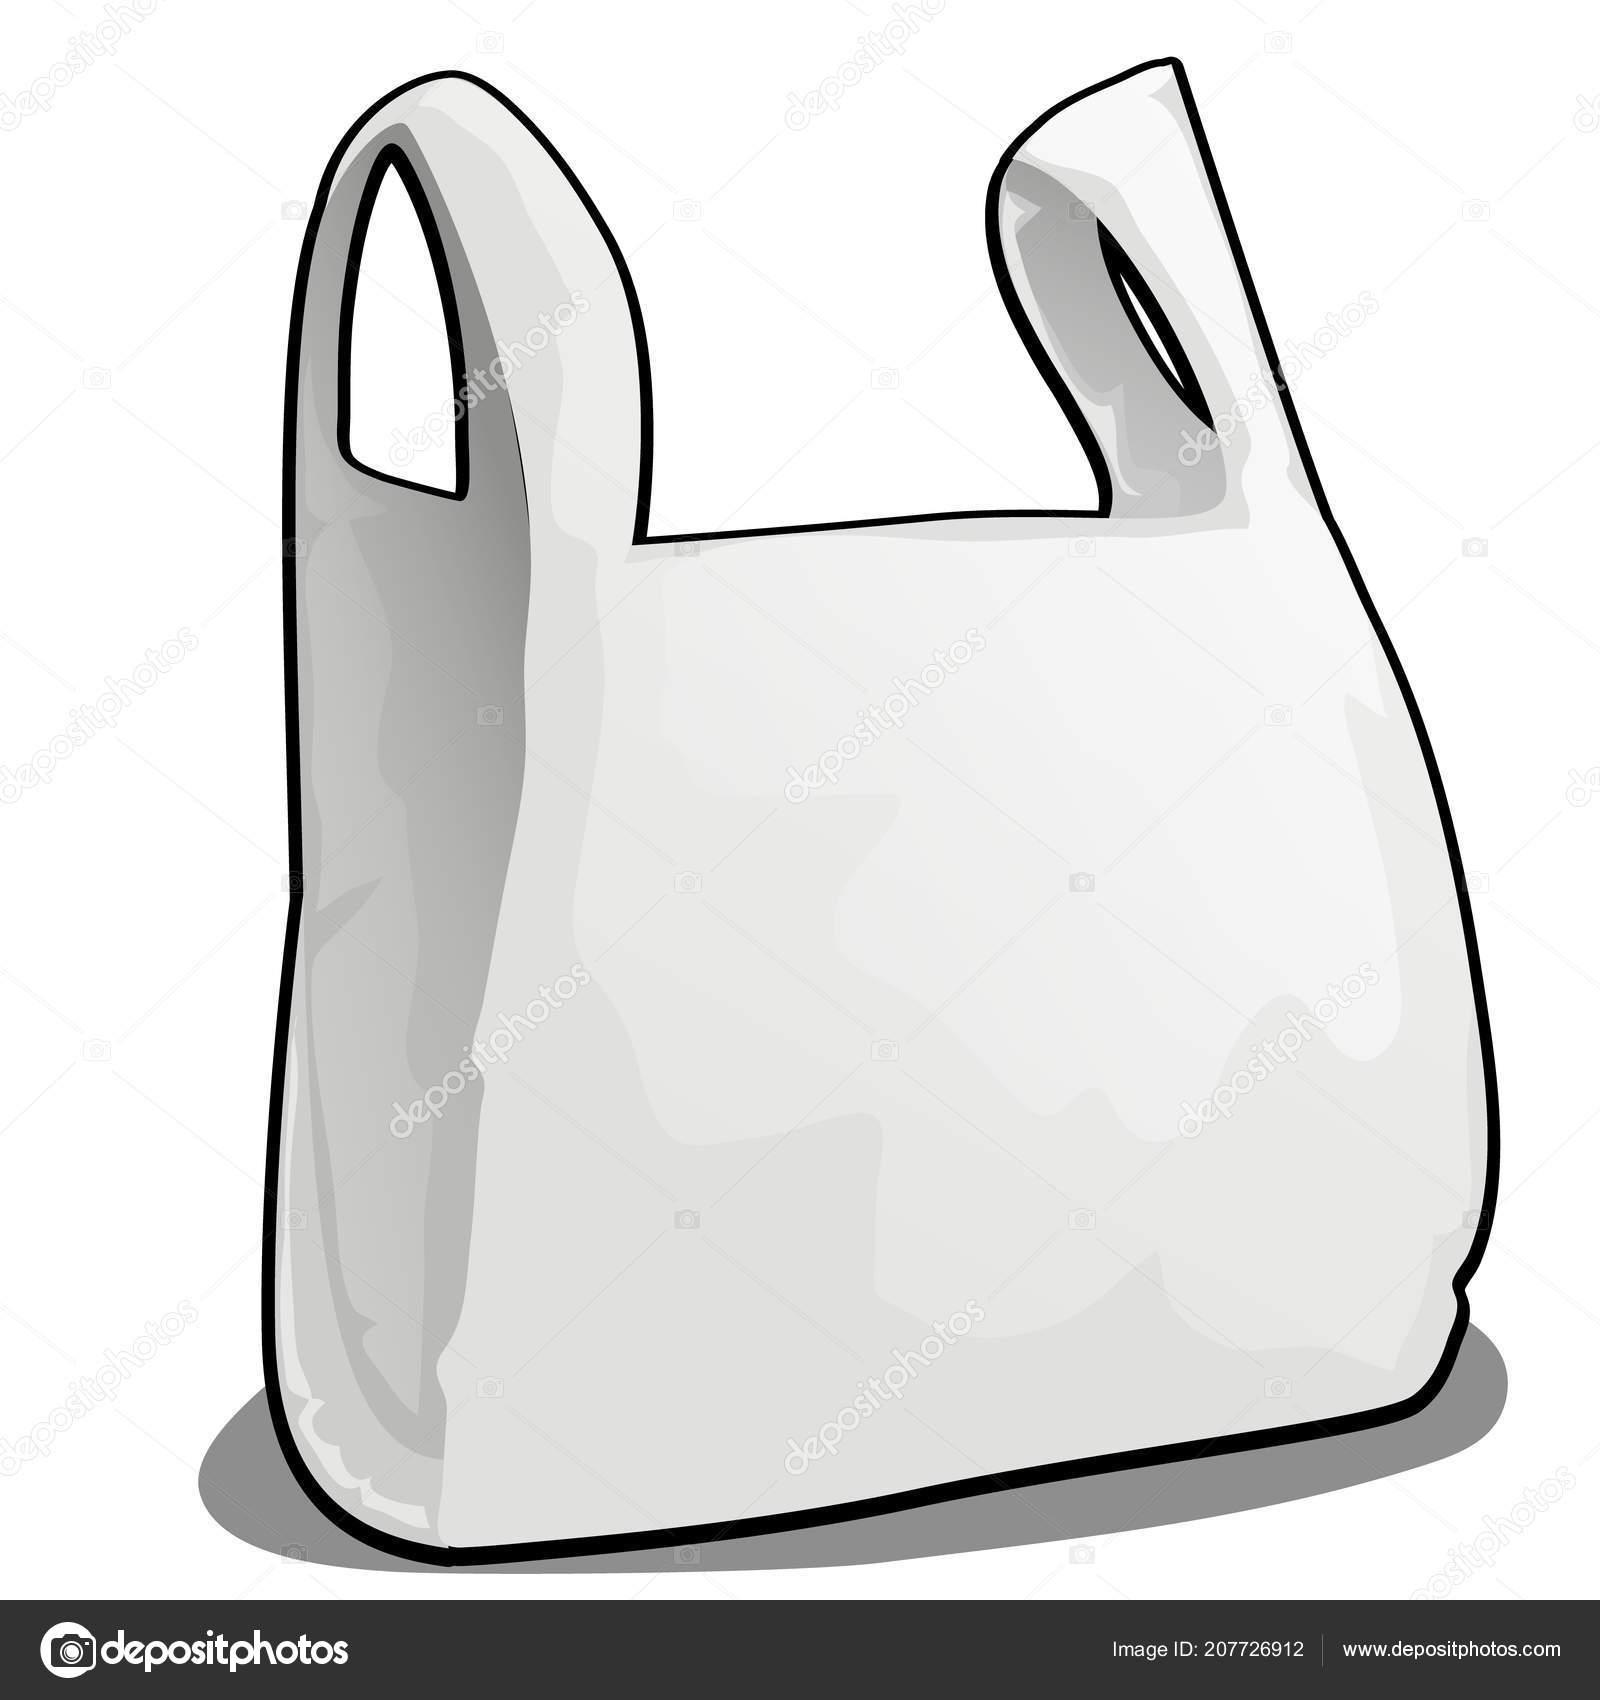 Una Bolsa De Plástico De Color Blanco Aislado Sobre Fondo Blanco